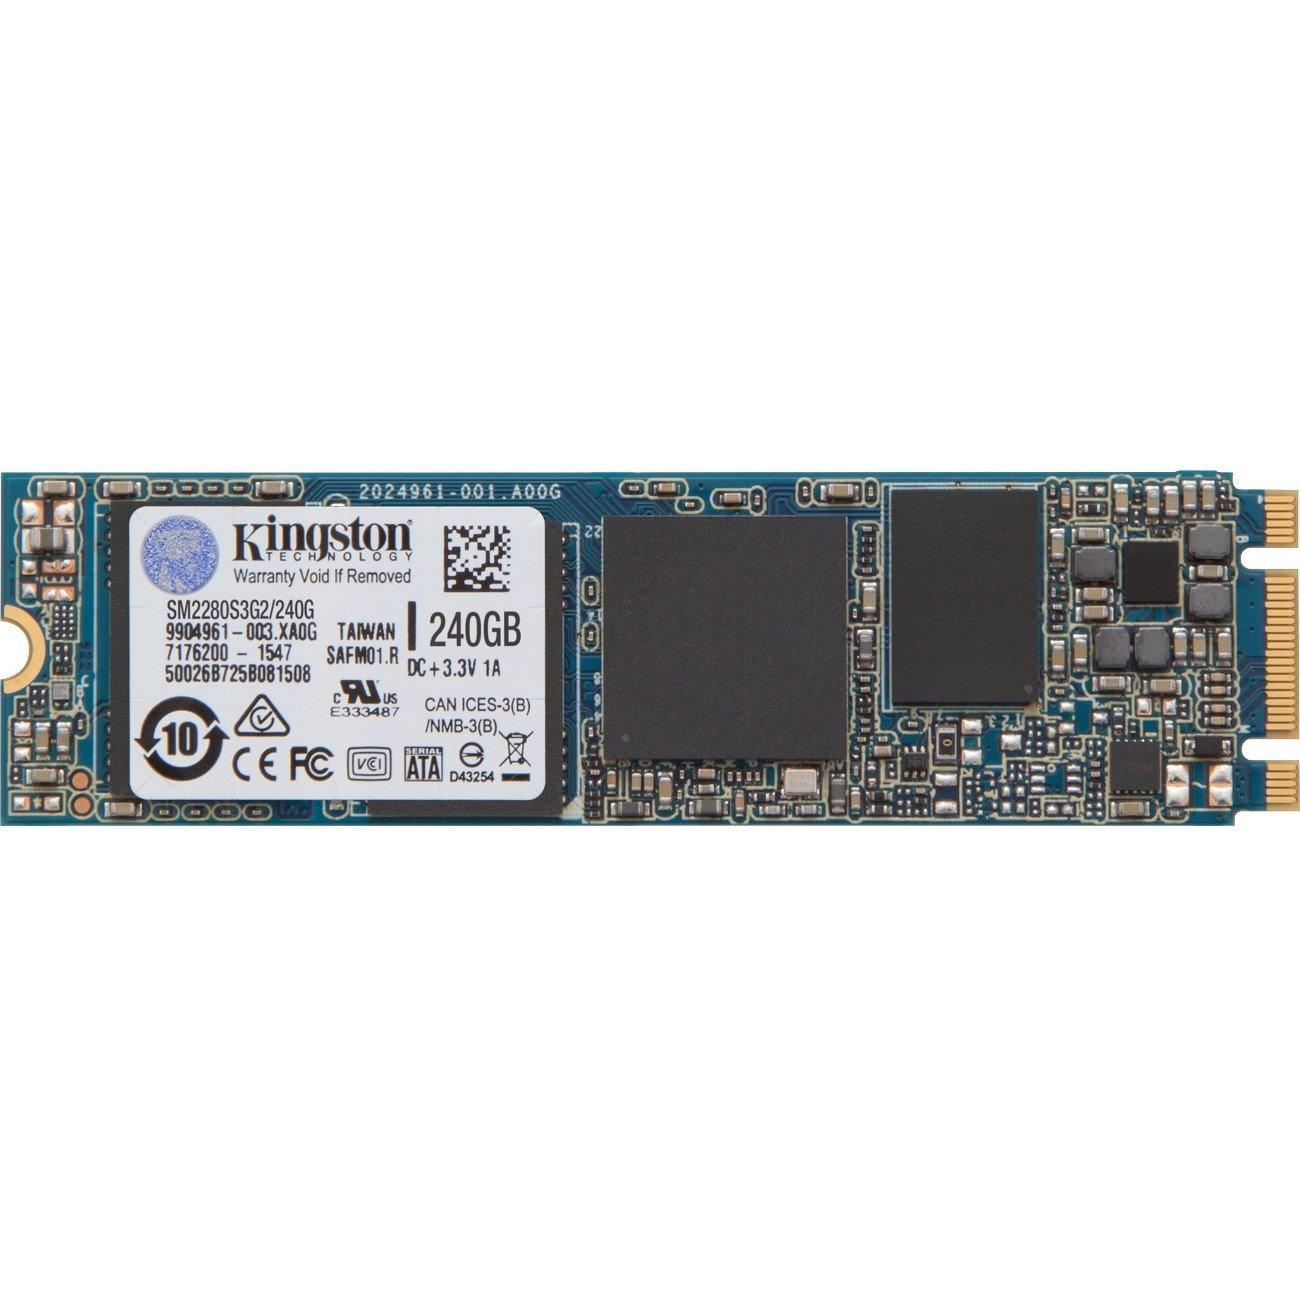 Kingston SSDNow 240 GB Solid State Drive - M.2 2280 Internal - SATA (SATA/600)